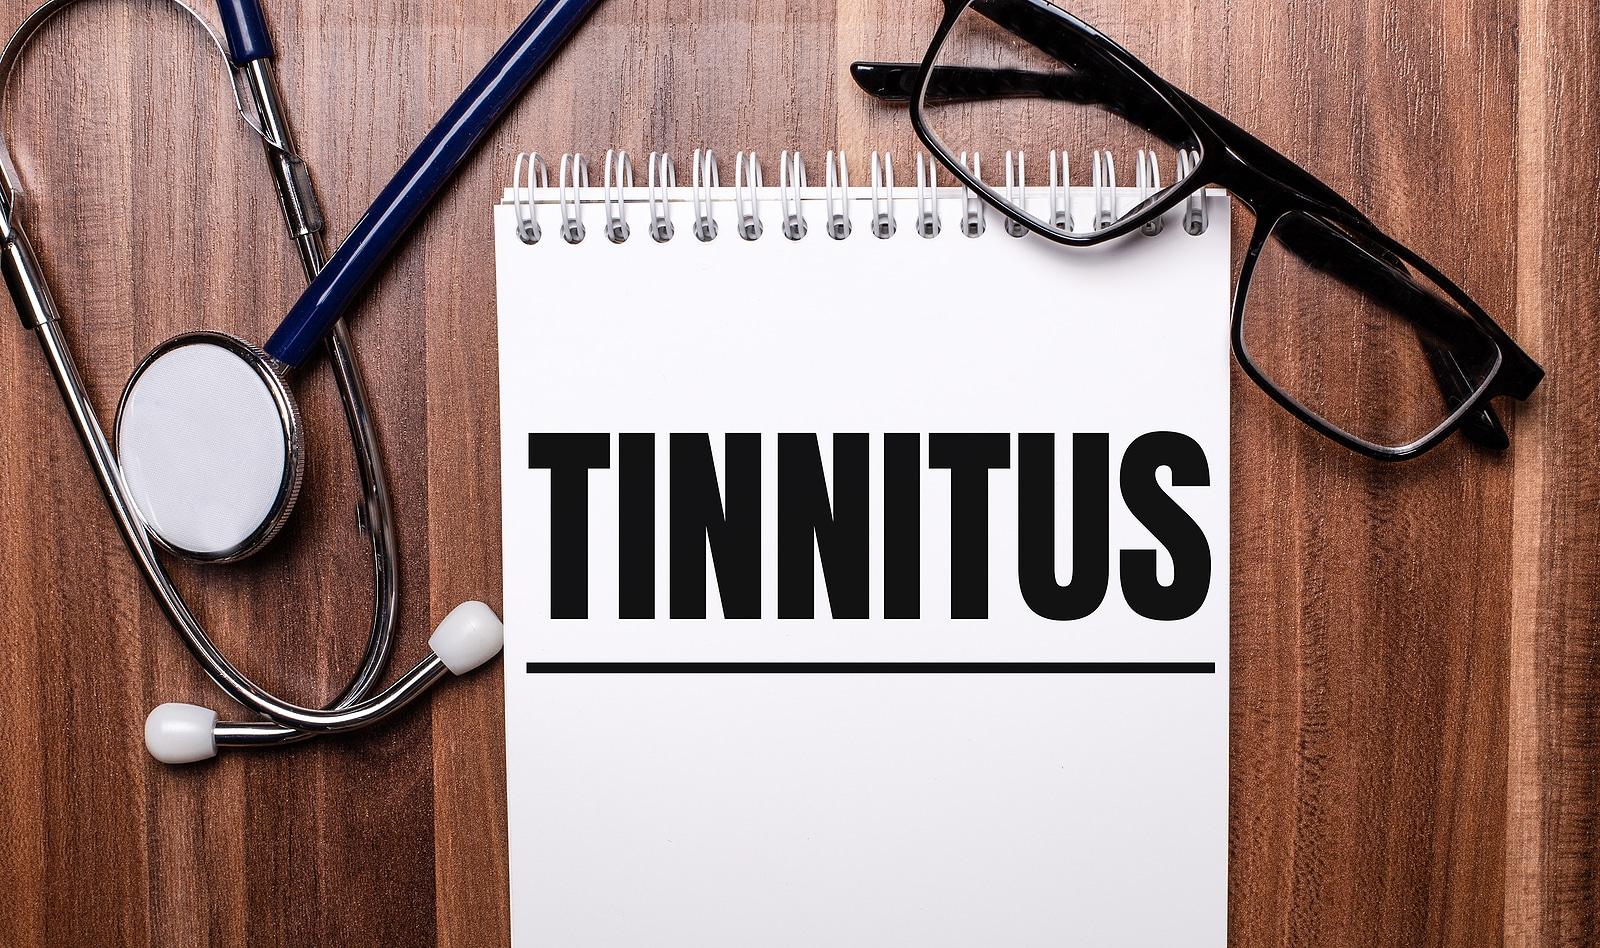 Home Care in Braselton, GA: Tinnitus